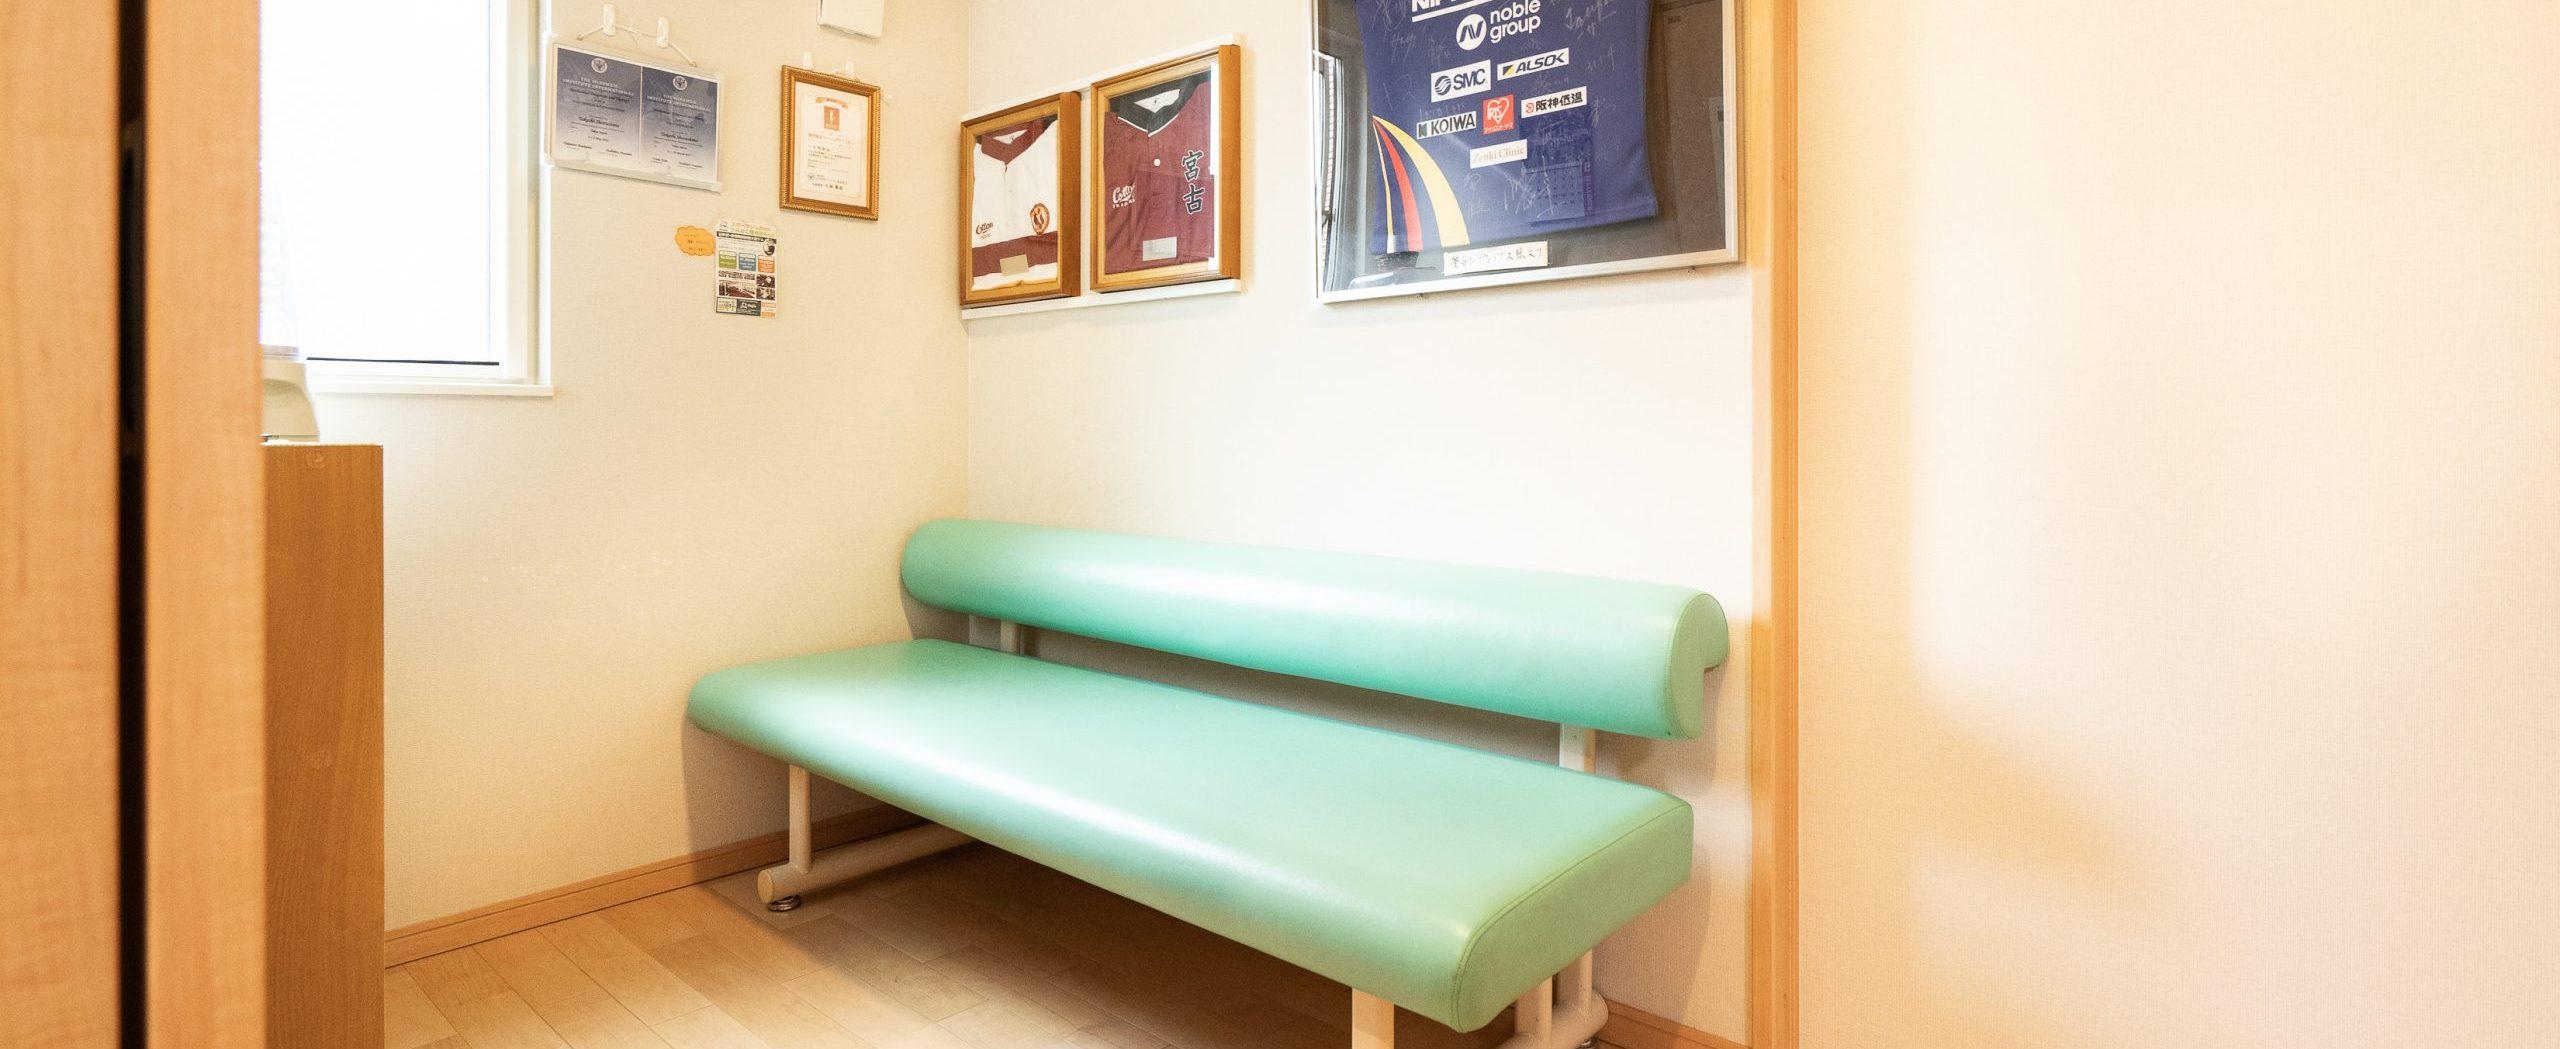 宮古市で接骨院をお探しの方は、うみねこ鍼灸接骨院へ